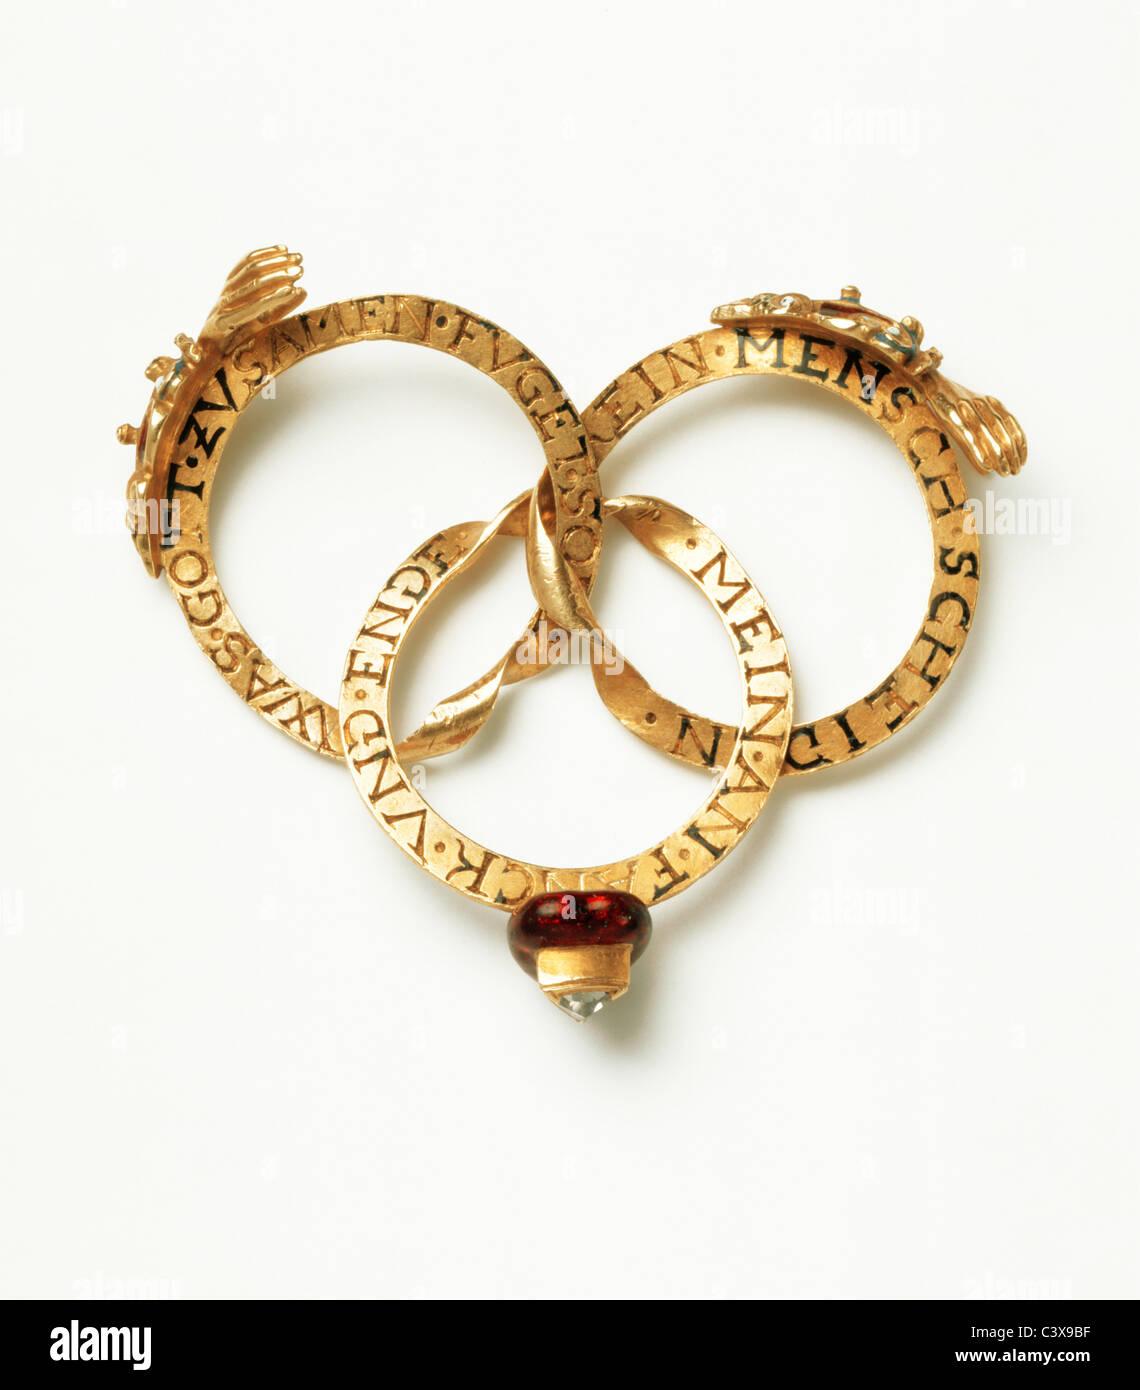 Mariage gimmel ring ouvert pour afficher chaque anneau. Allemagne, fin du 16e siècle Banque D'Images